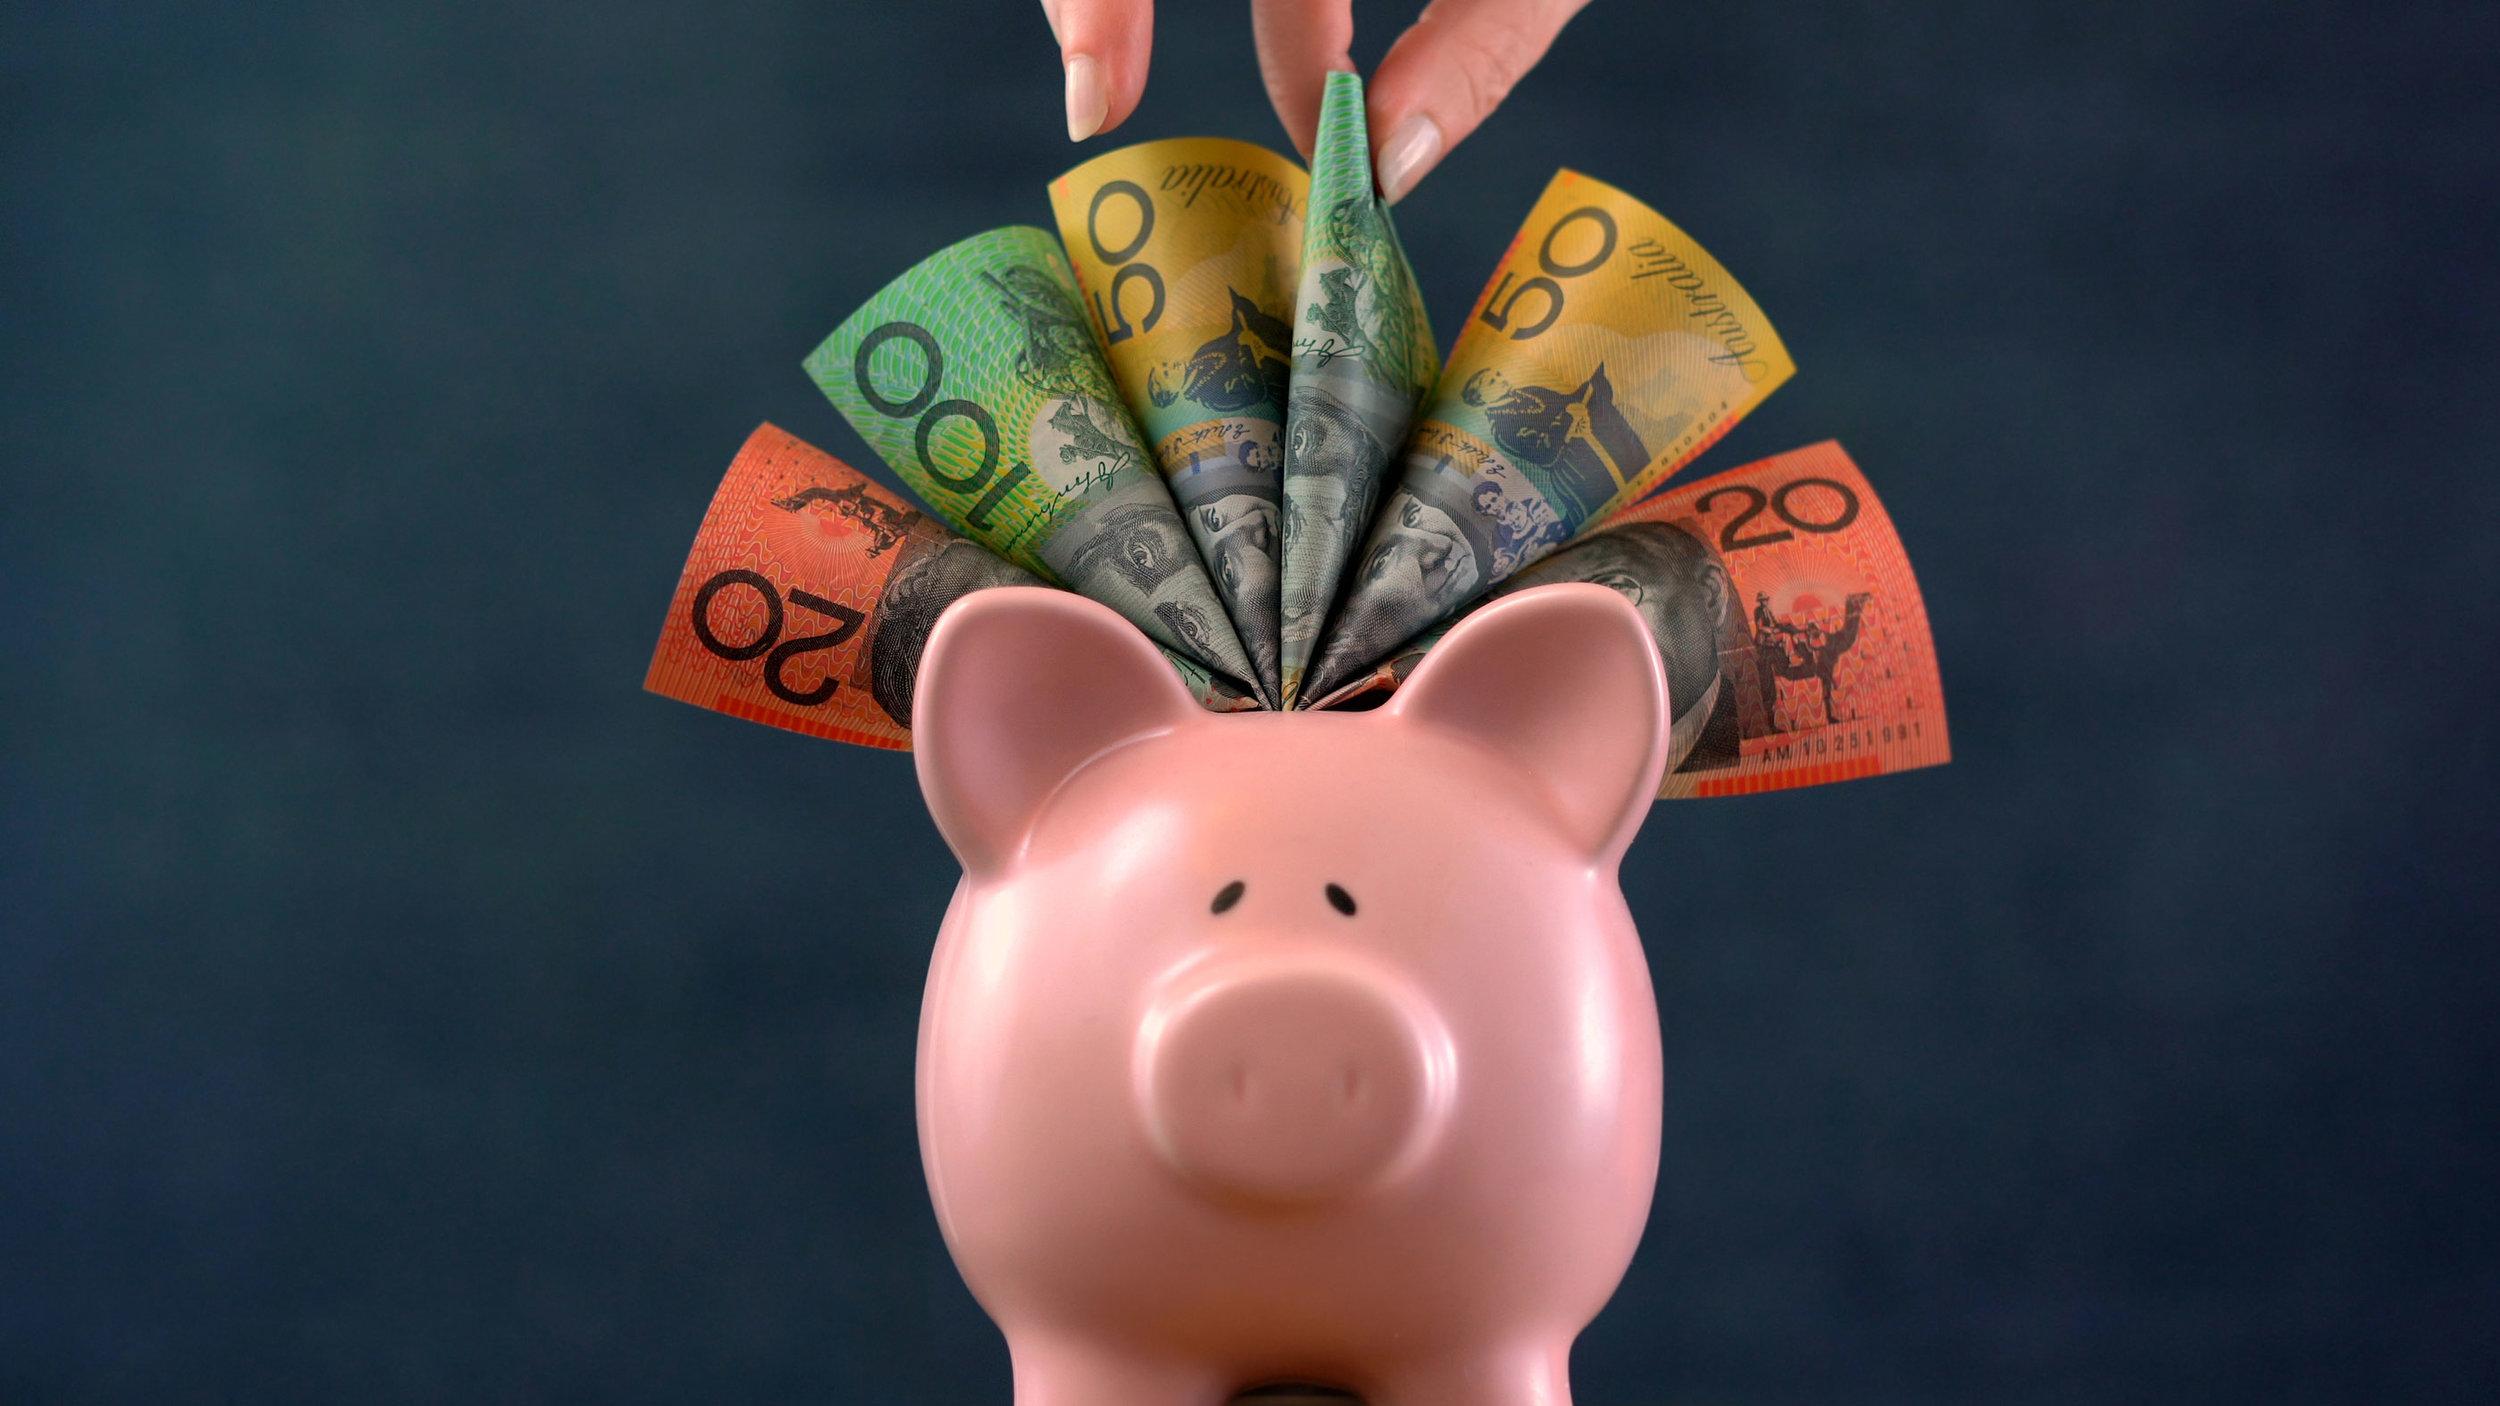 bigstock-Pink-Piggy-Bank-Money-Concept--179841478-WEB.jpg